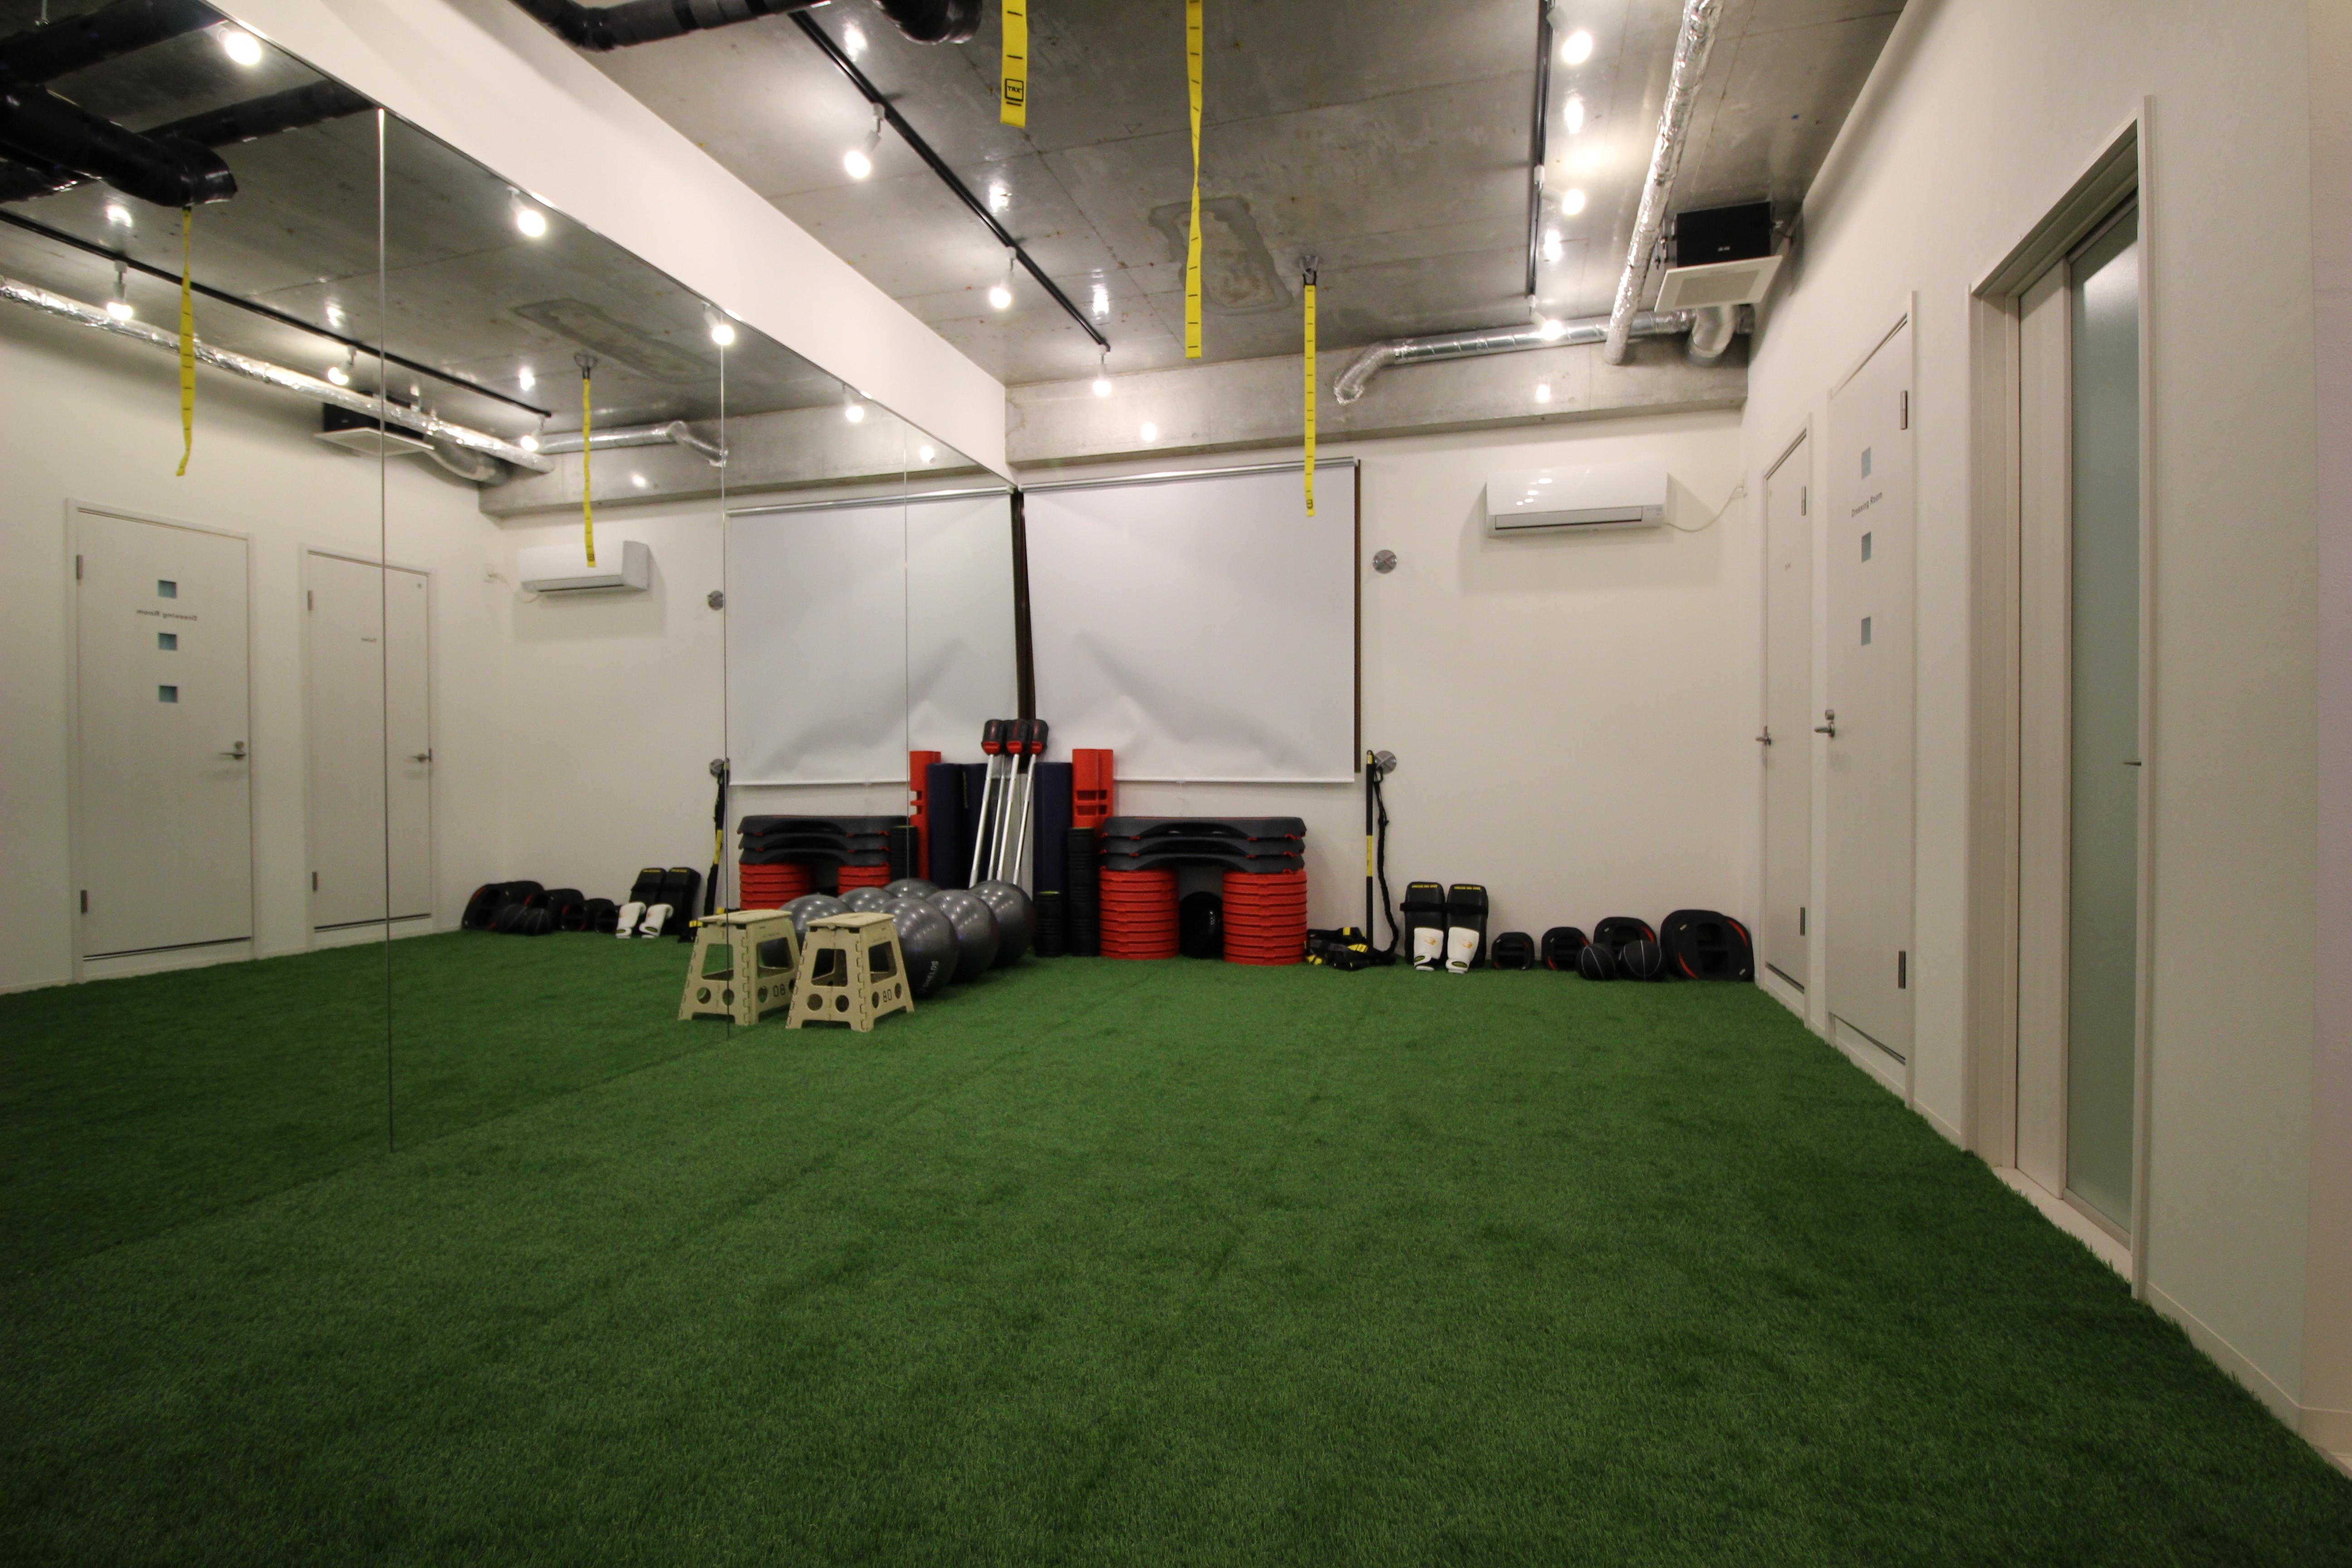 トレーニングスペース新大阪の室内の写真